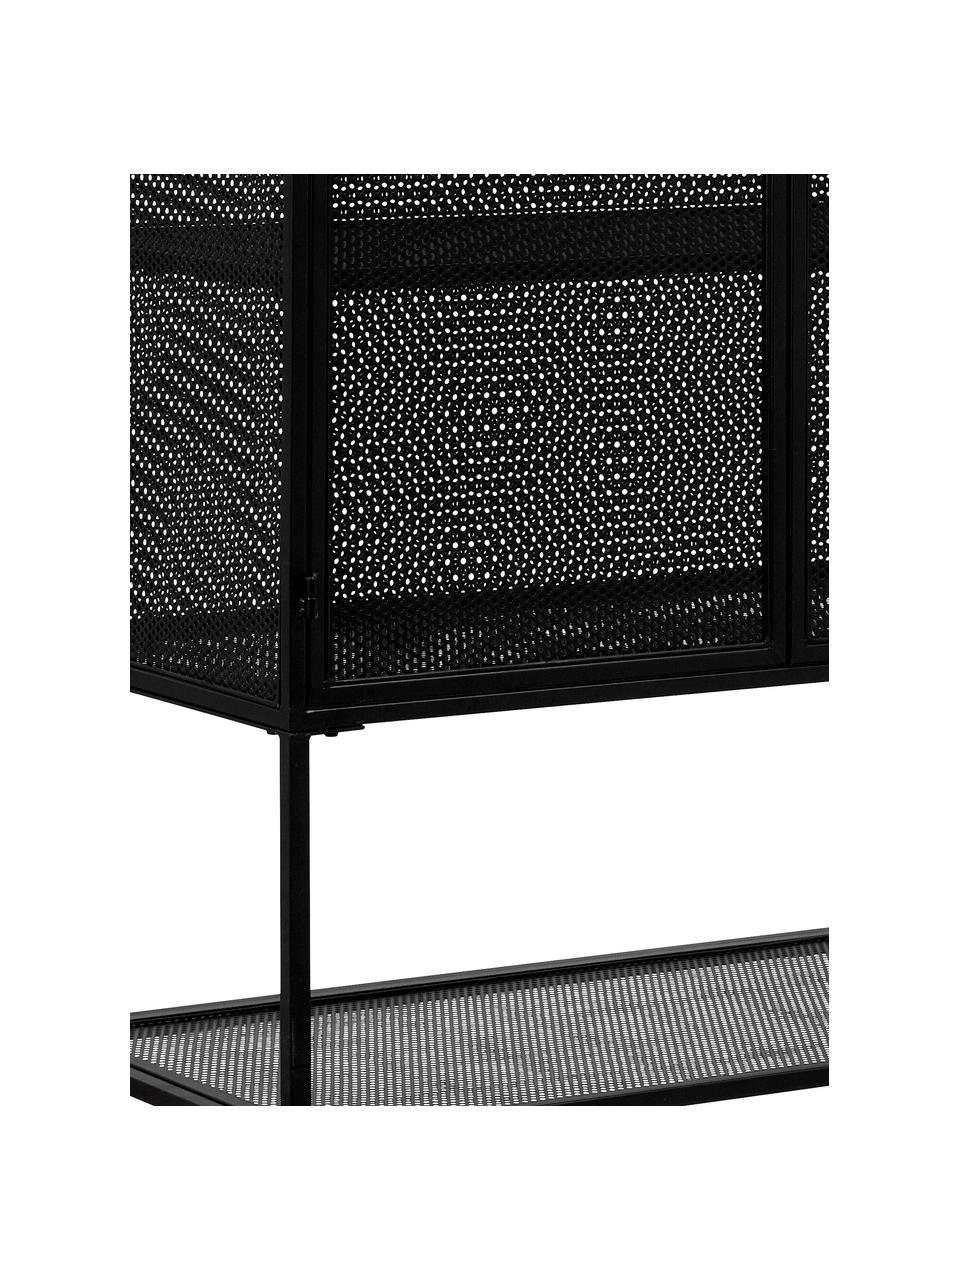 Metall-Vitrine Wire in Schwarz, Metall, pulverbeschichtet, Schwarz, 90 x 167 cm